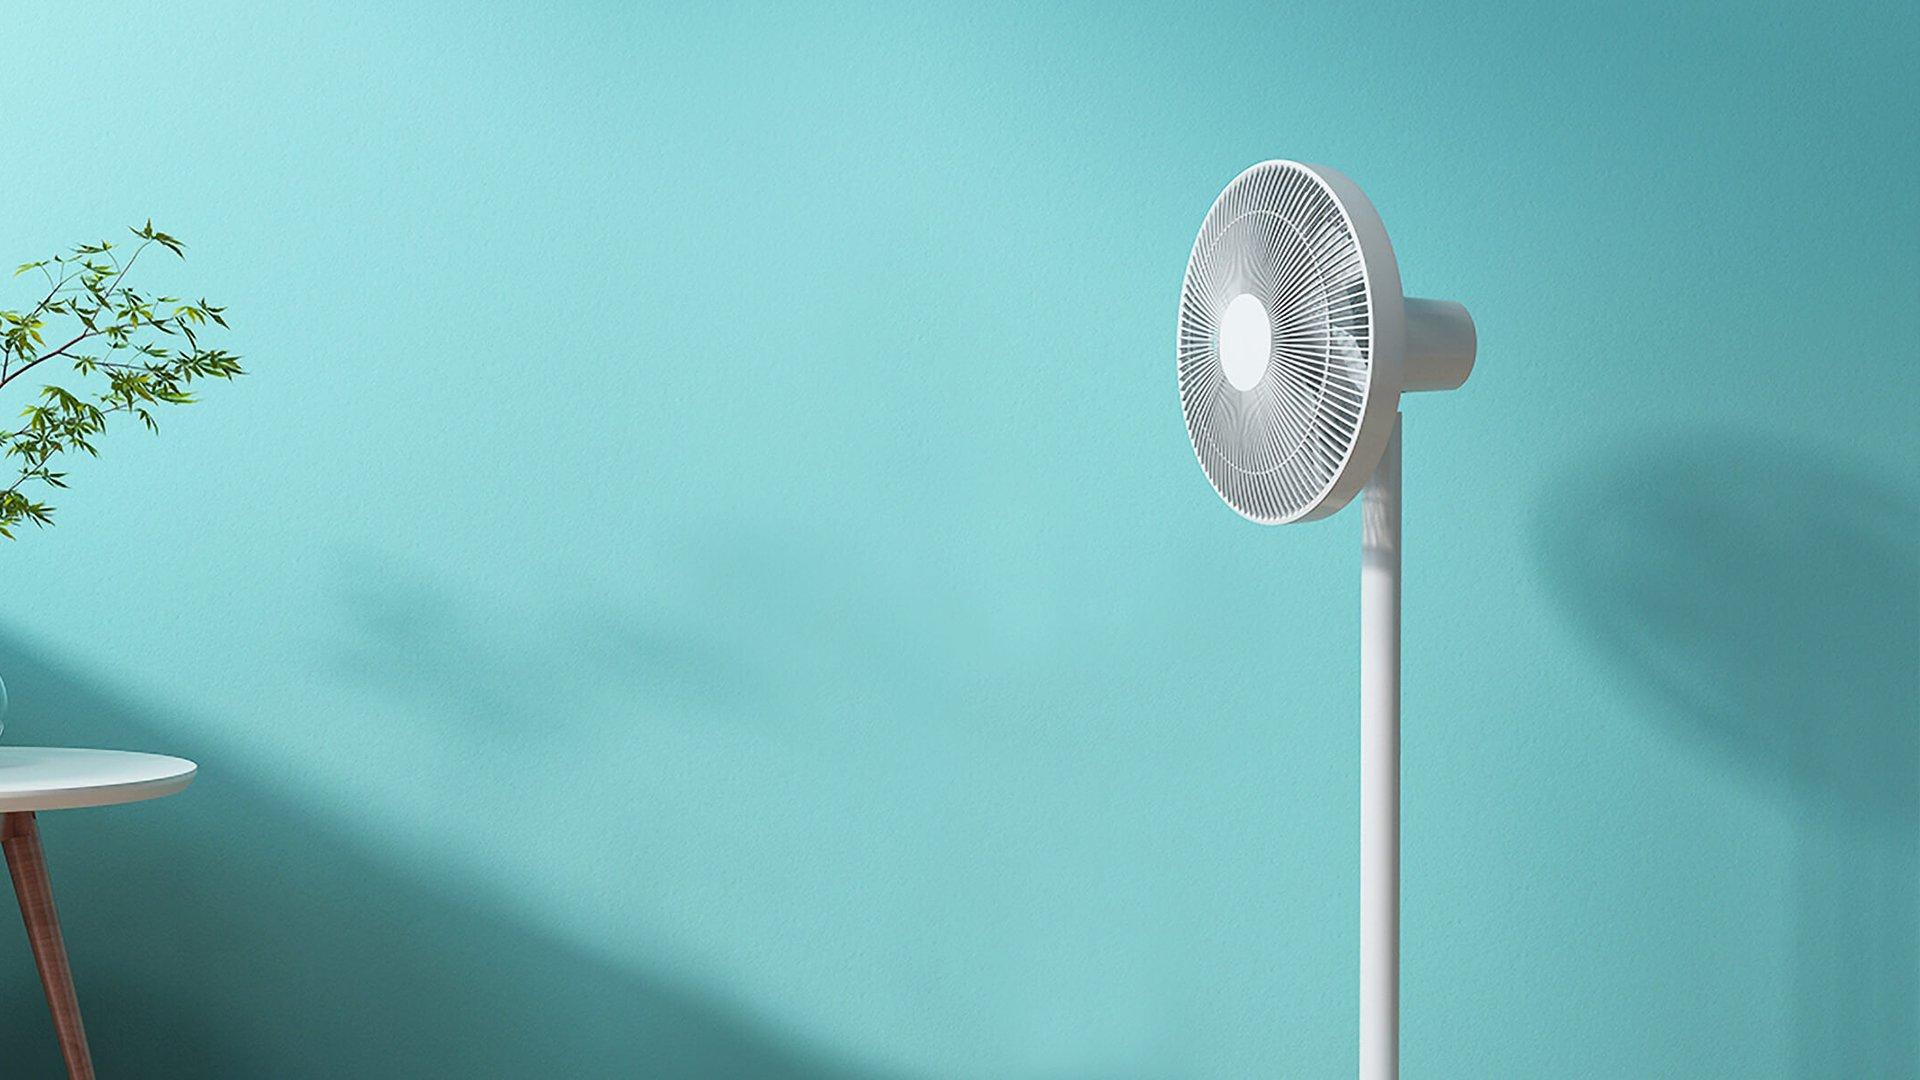 Profitez d'un vent de fraîcheur grâce au Xiaomi Mi Smart Standing Fan 2.